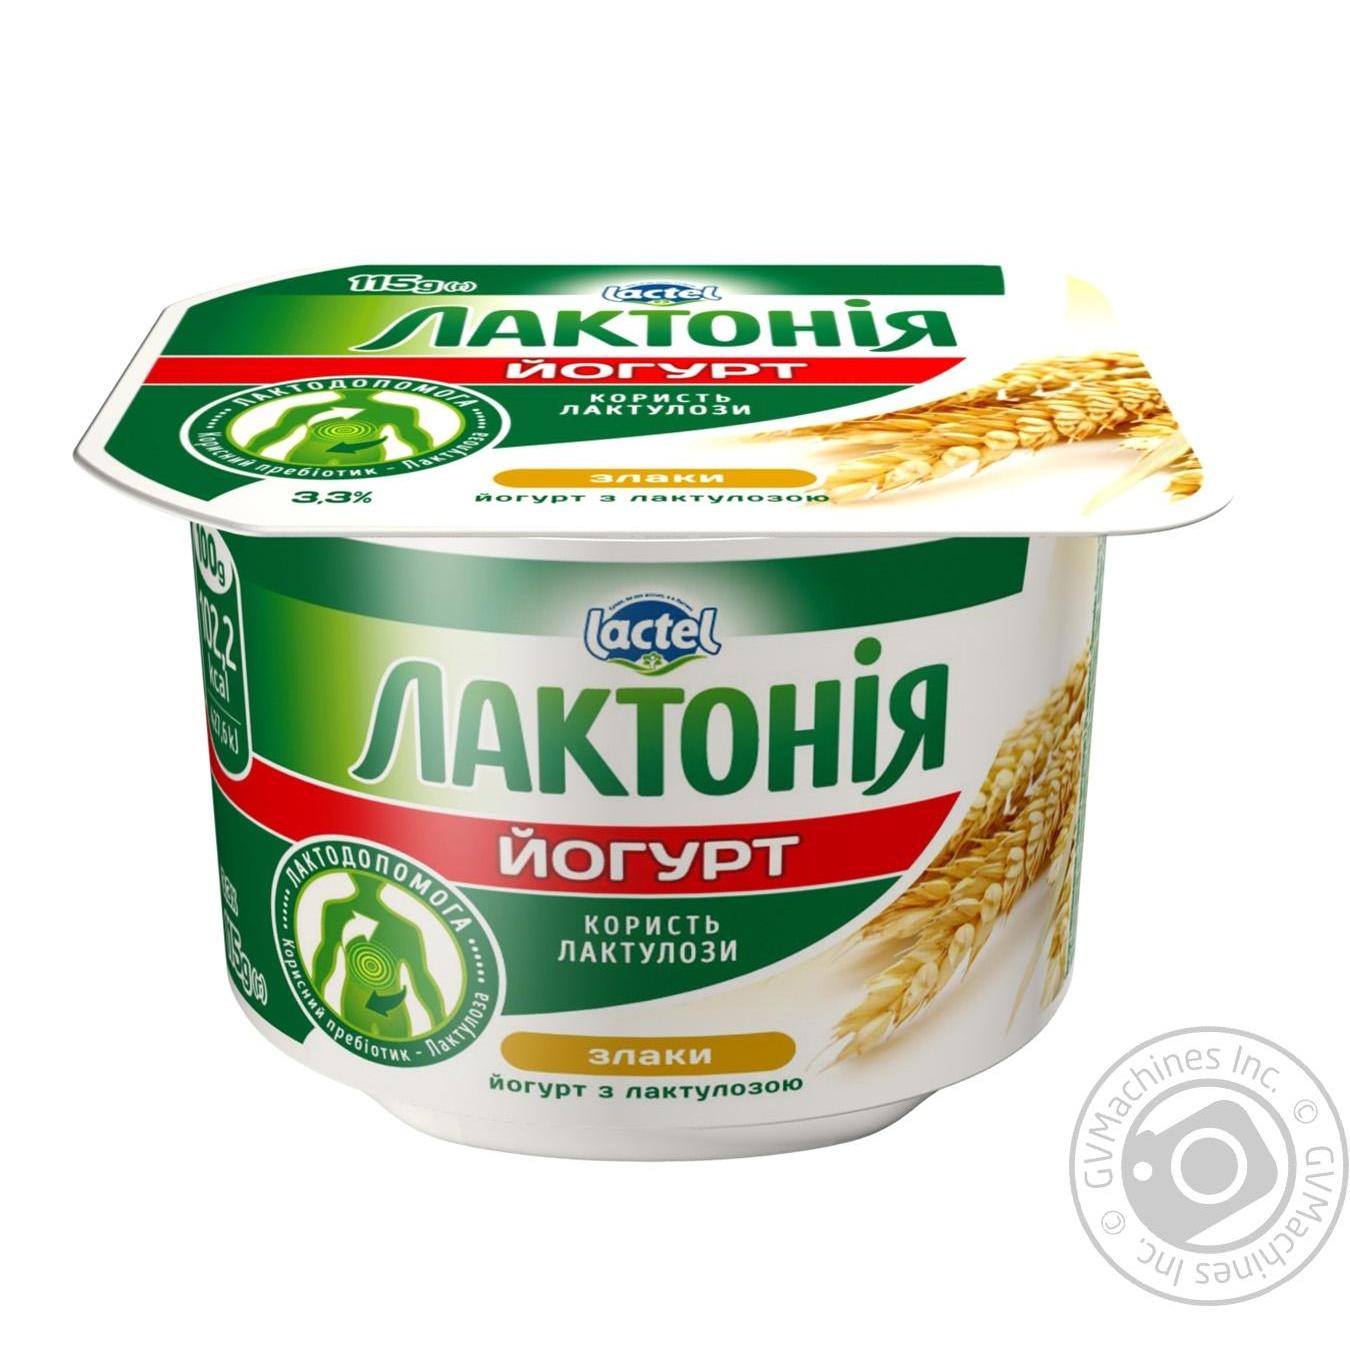 Йогурт Лактония Злаки с лактулозой  3.3% 115г